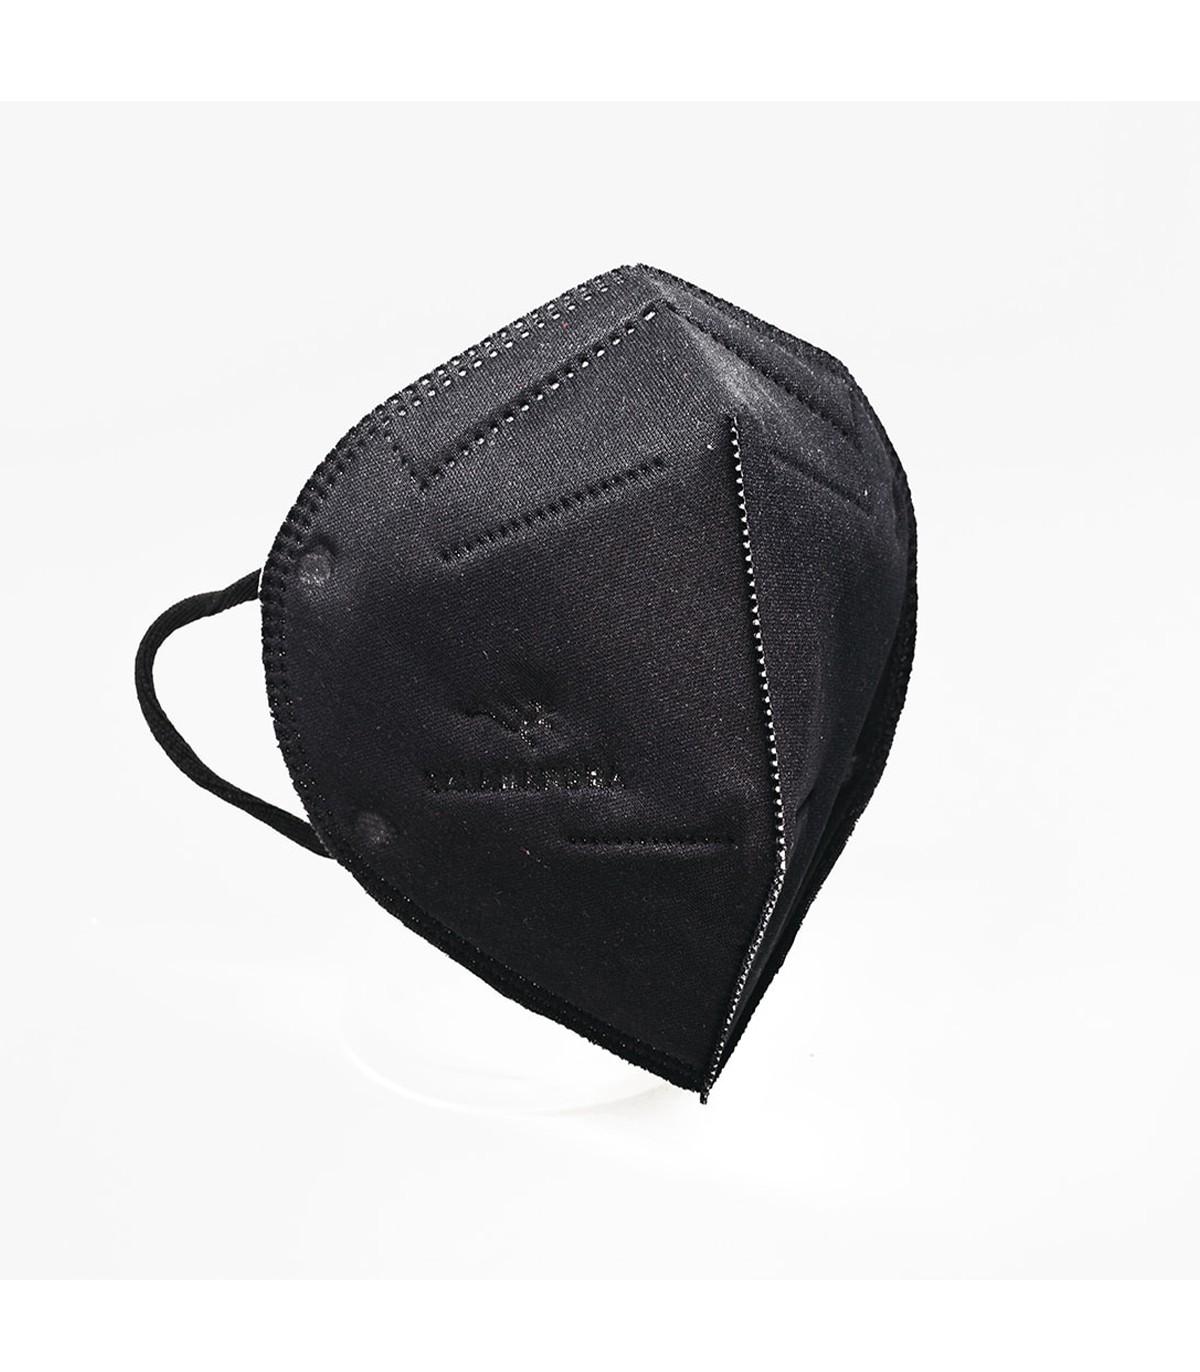 FFP2 face mask - black